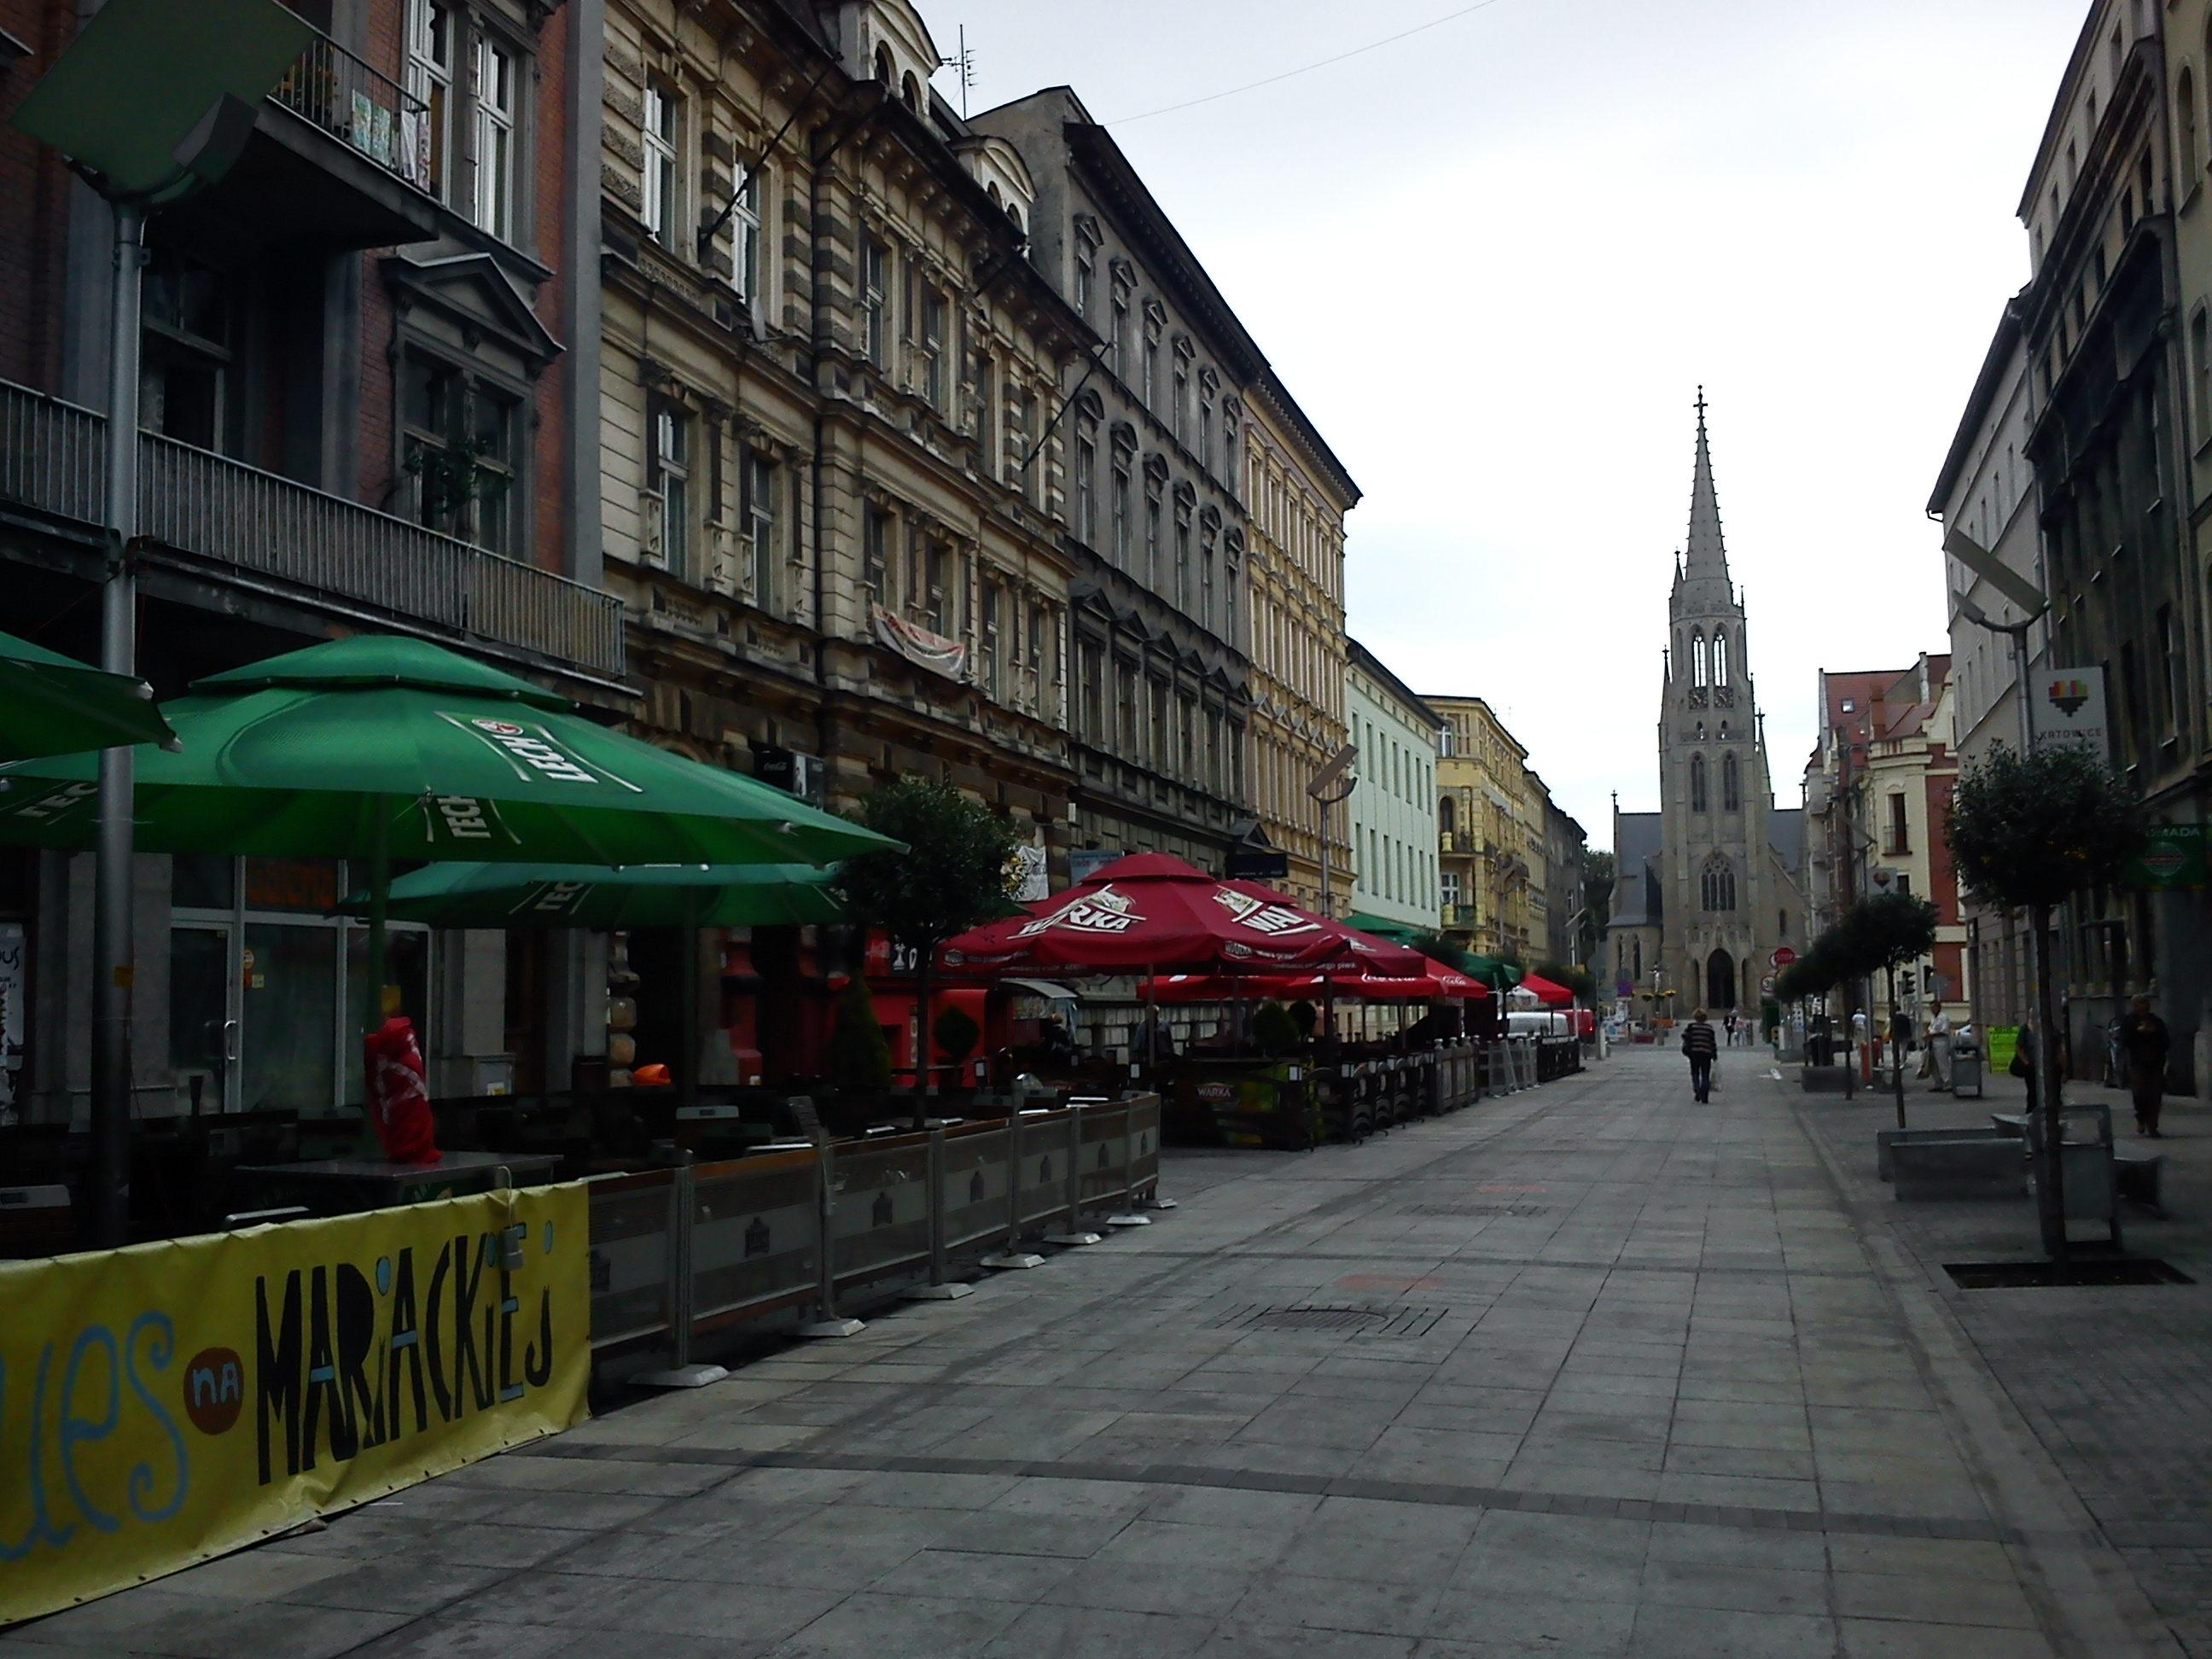 Lato W Stylu Slow Dobre Jedzenie W Katowicach Droga Do Minimalizmu